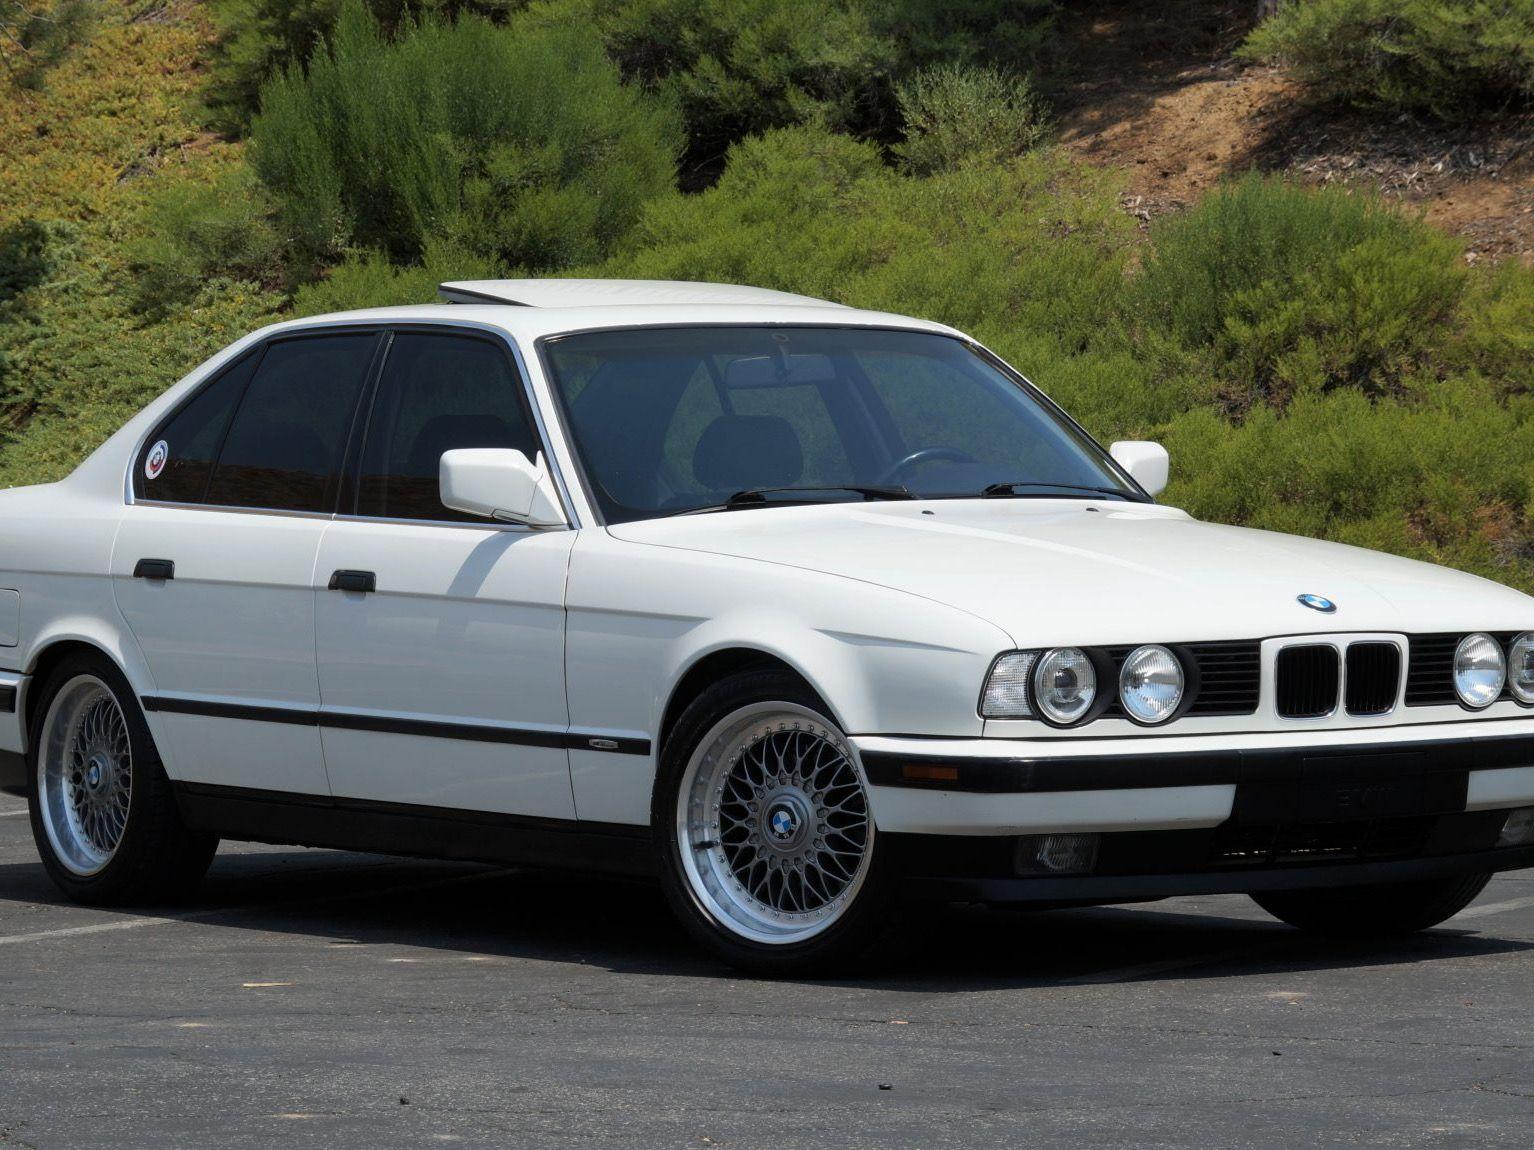 1992 BMW 535i 5-Speed